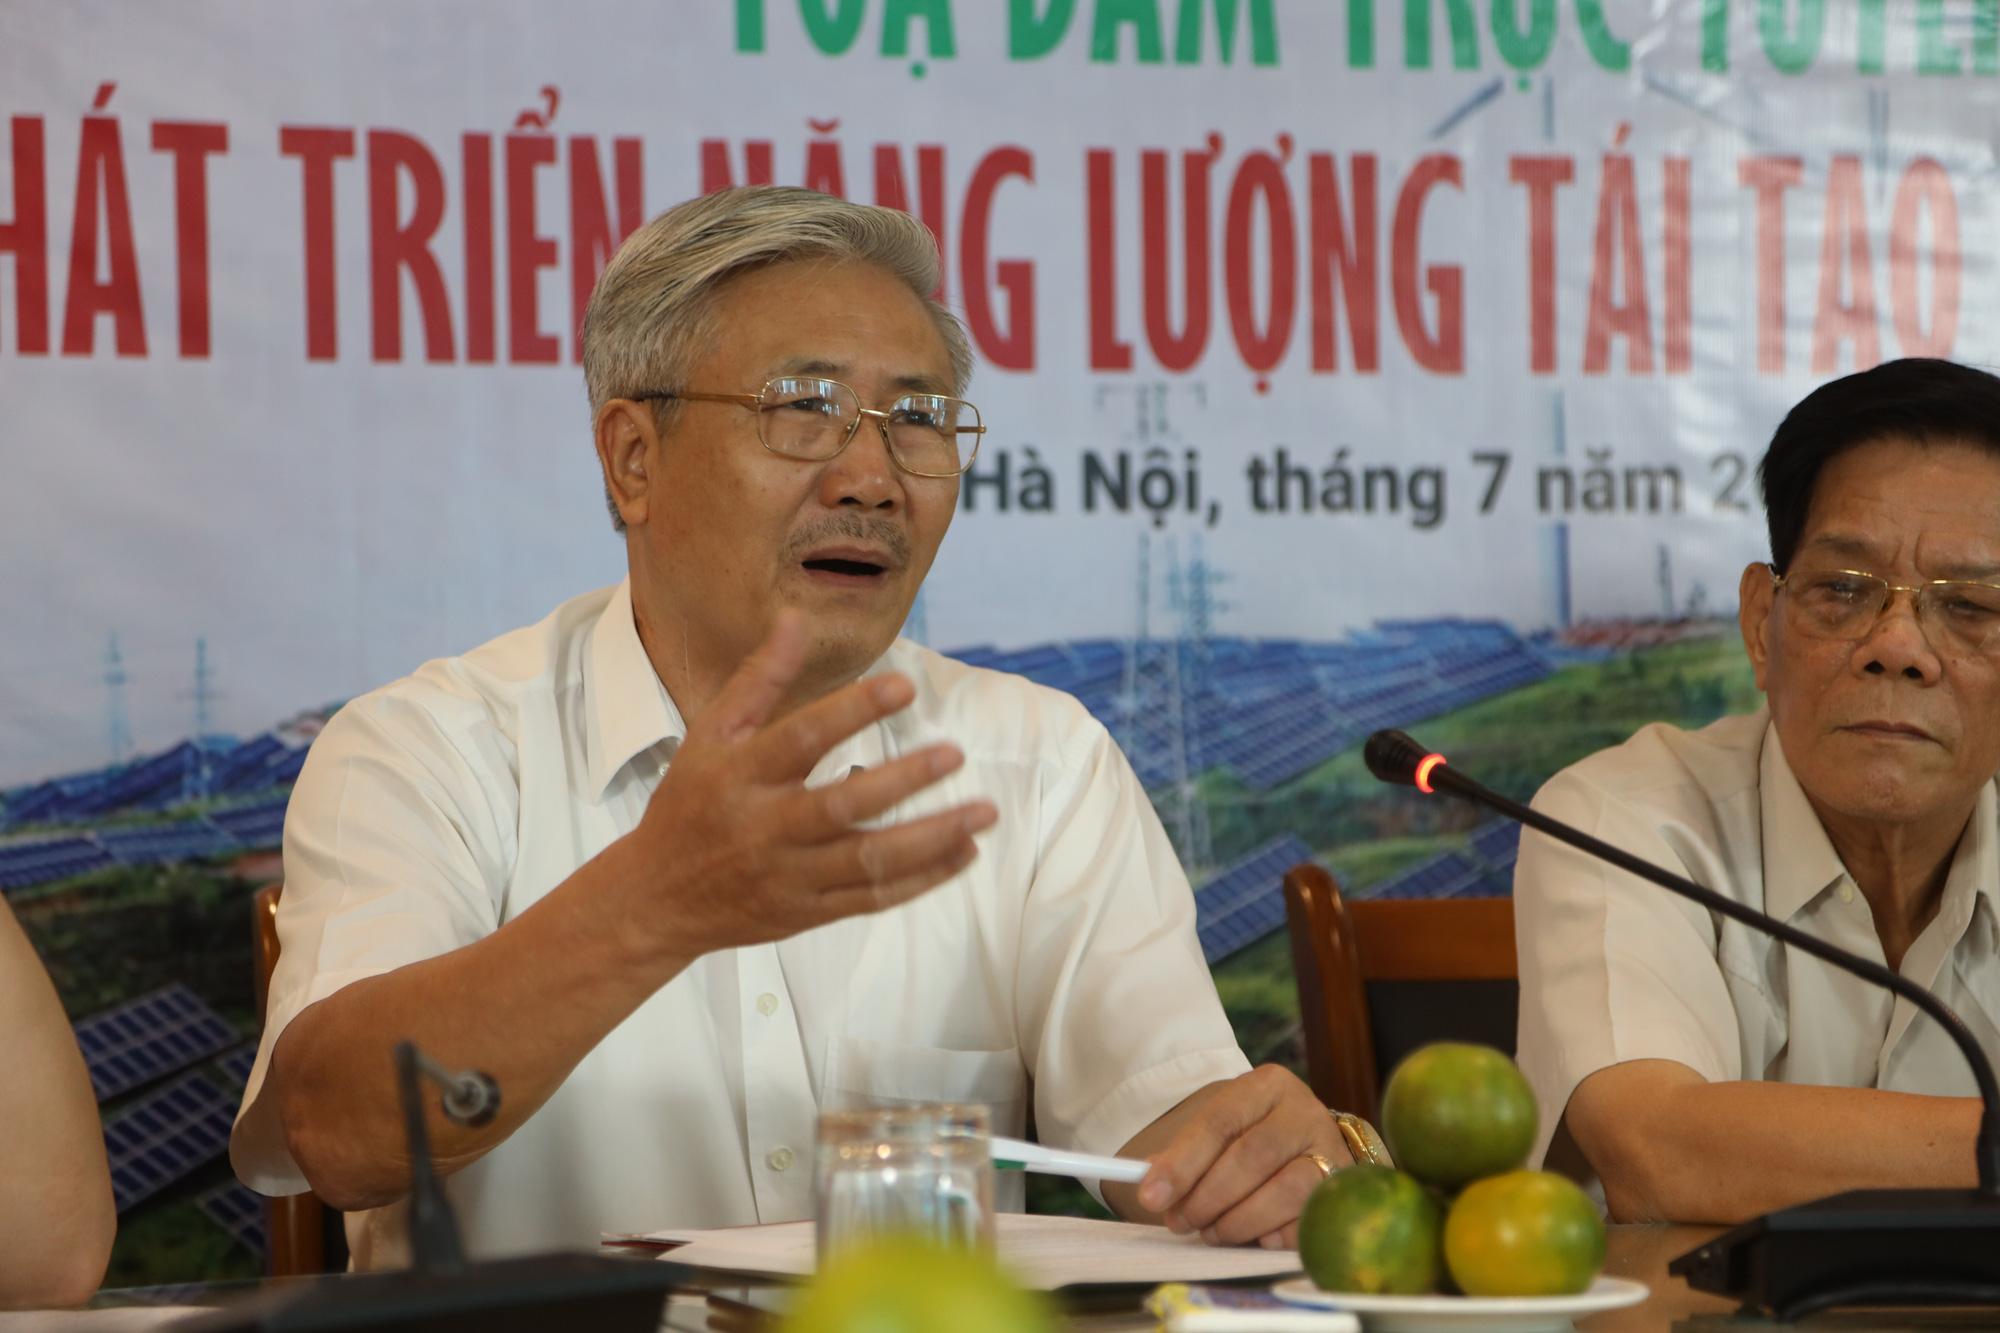 """Tọa đàm trực tuyến """"Phát triển năng lượng tái tạo tại Việt Nam"""": Không thể xem nhẹ vai trò của Nhà nước - Ảnh 6."""